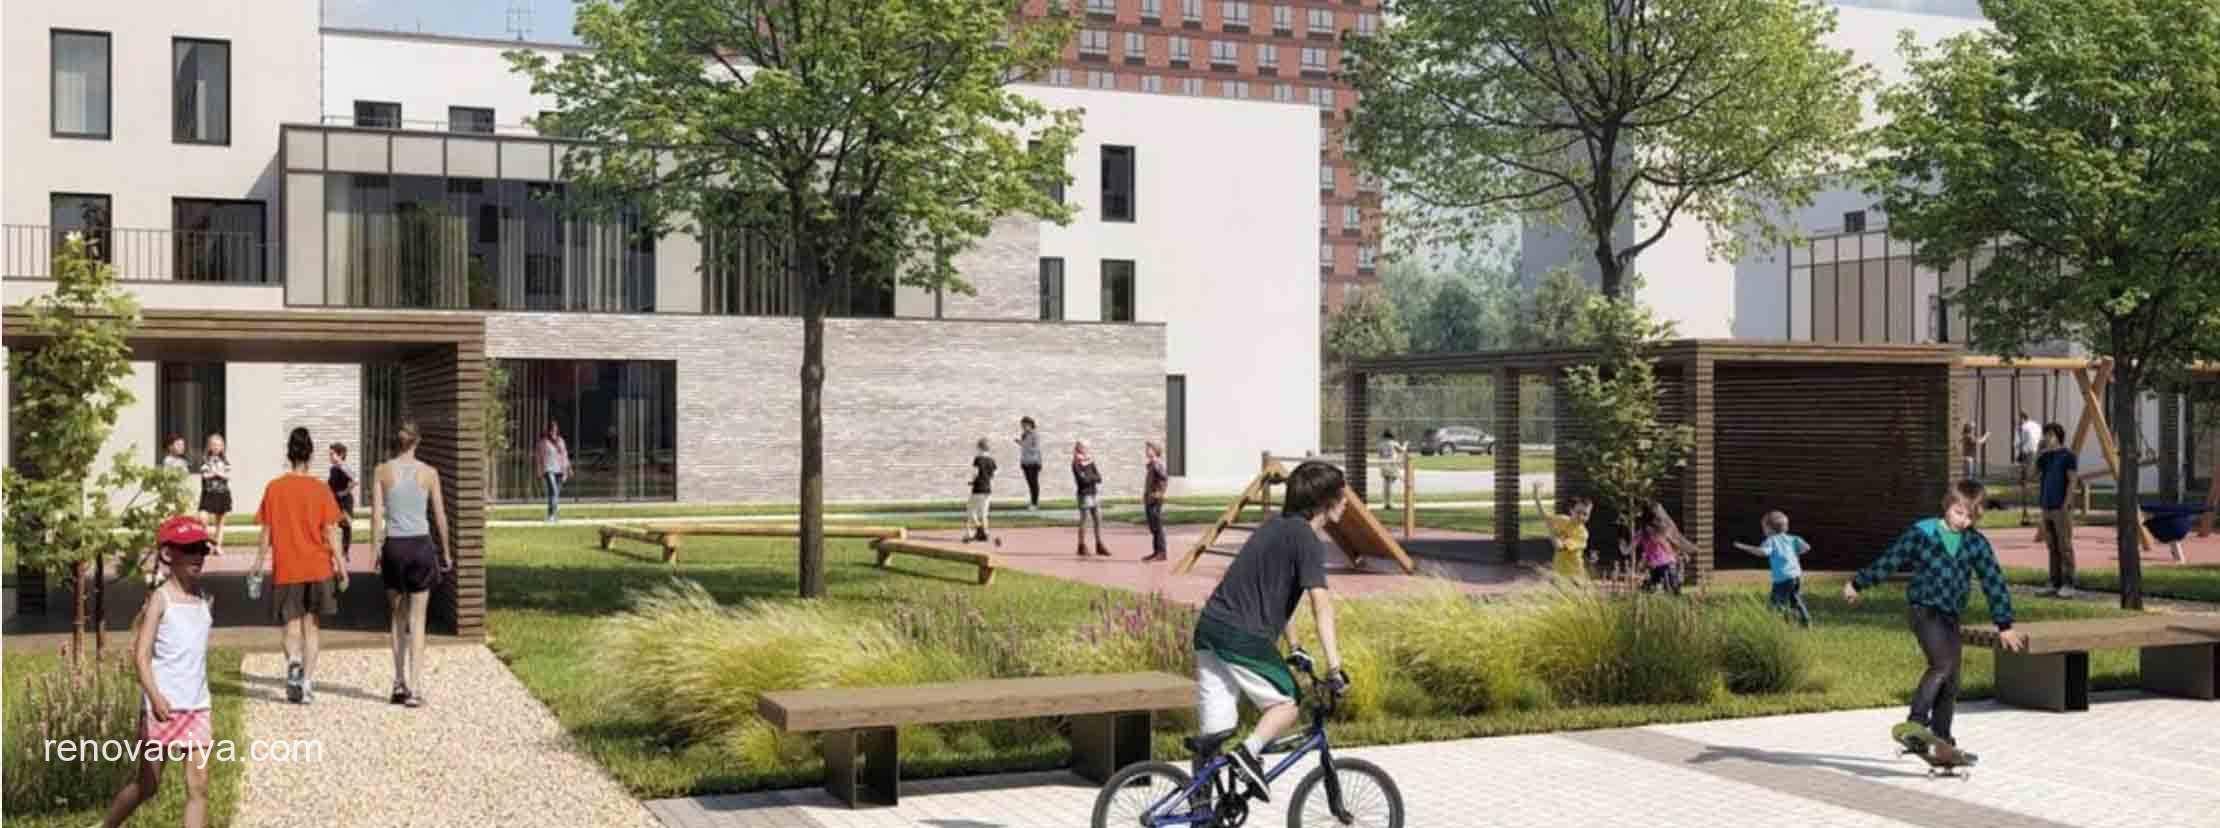 в Метрогородке построят детские сады и школы